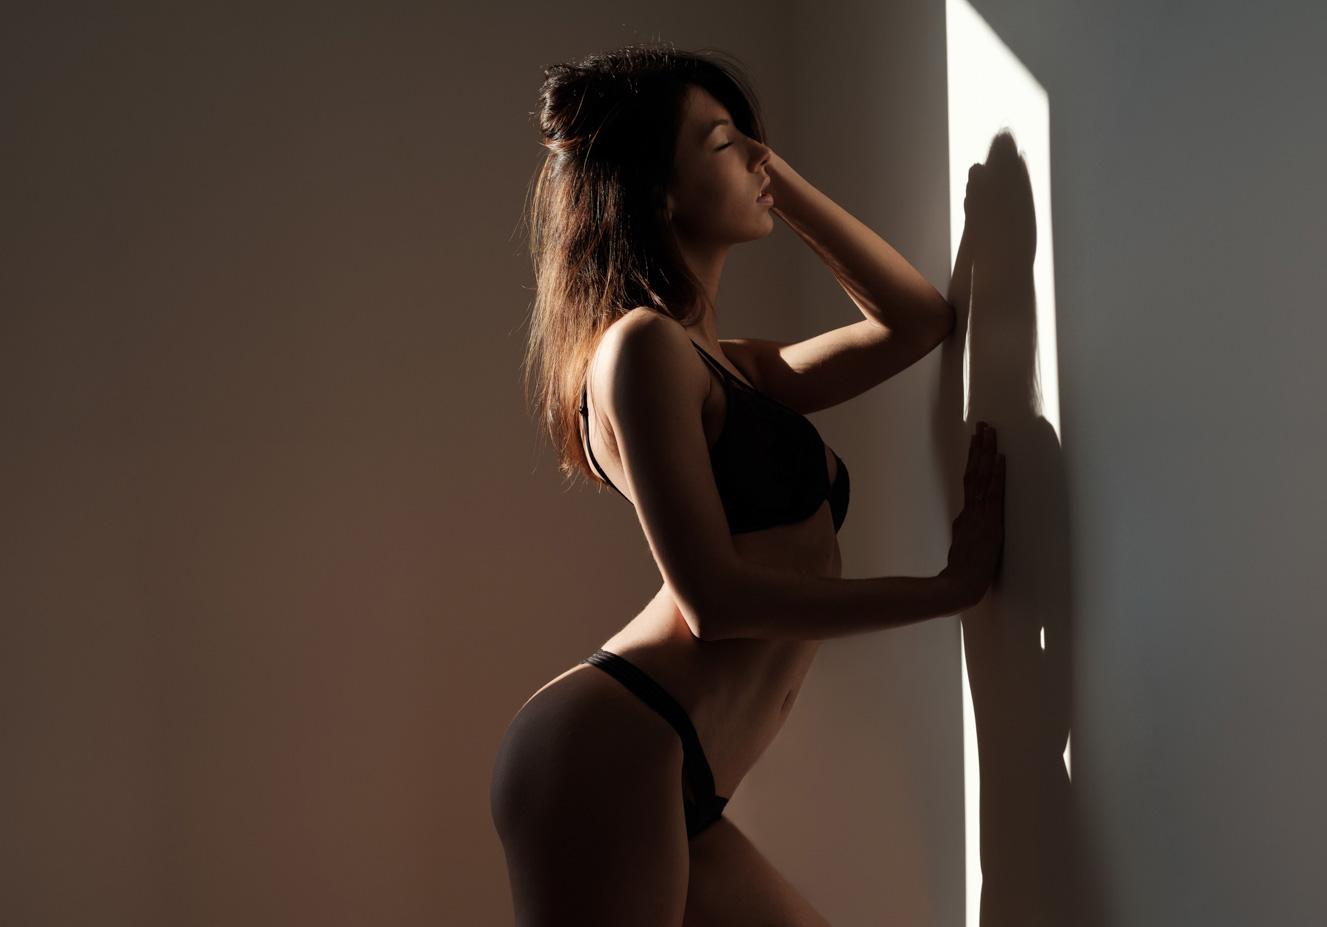 Женщине Нравится Грубый Секс